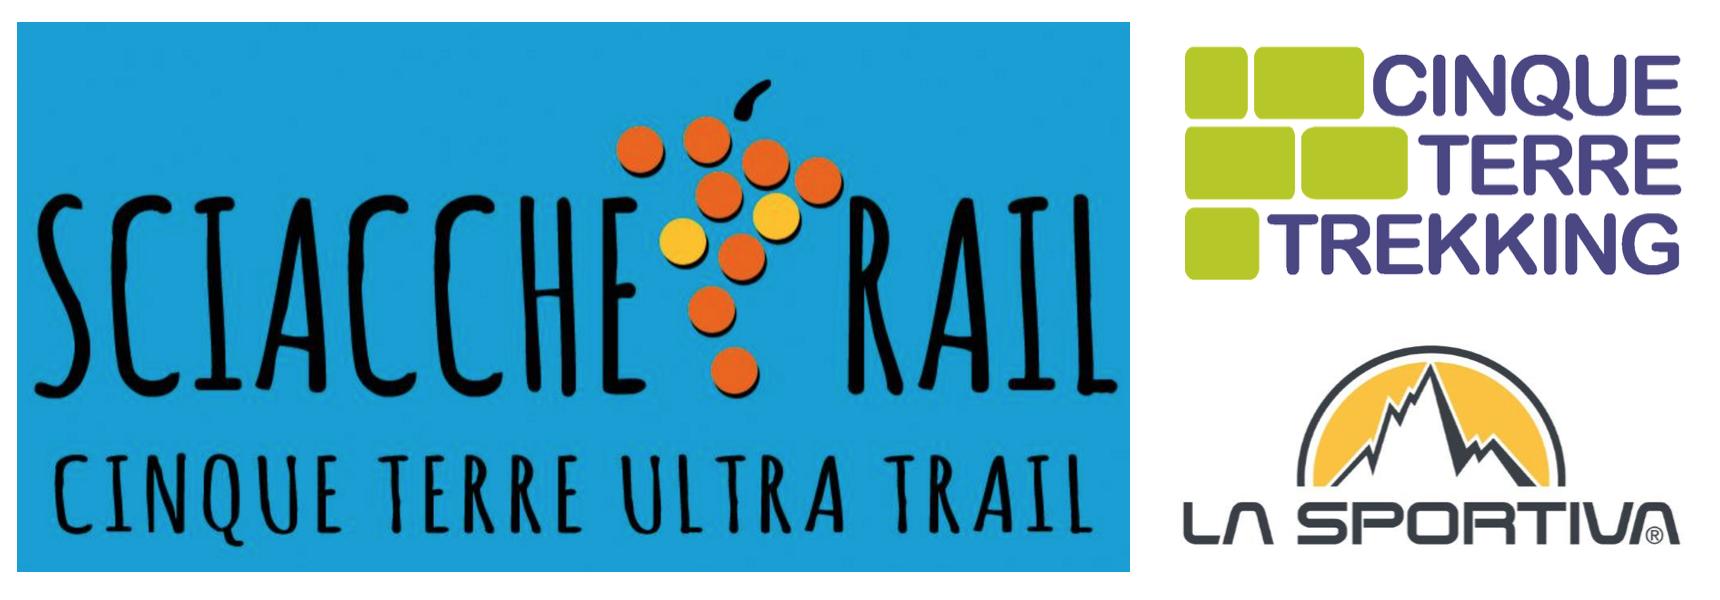 SciaccheTrail 2020 – Ultra Trail Cinque Terre